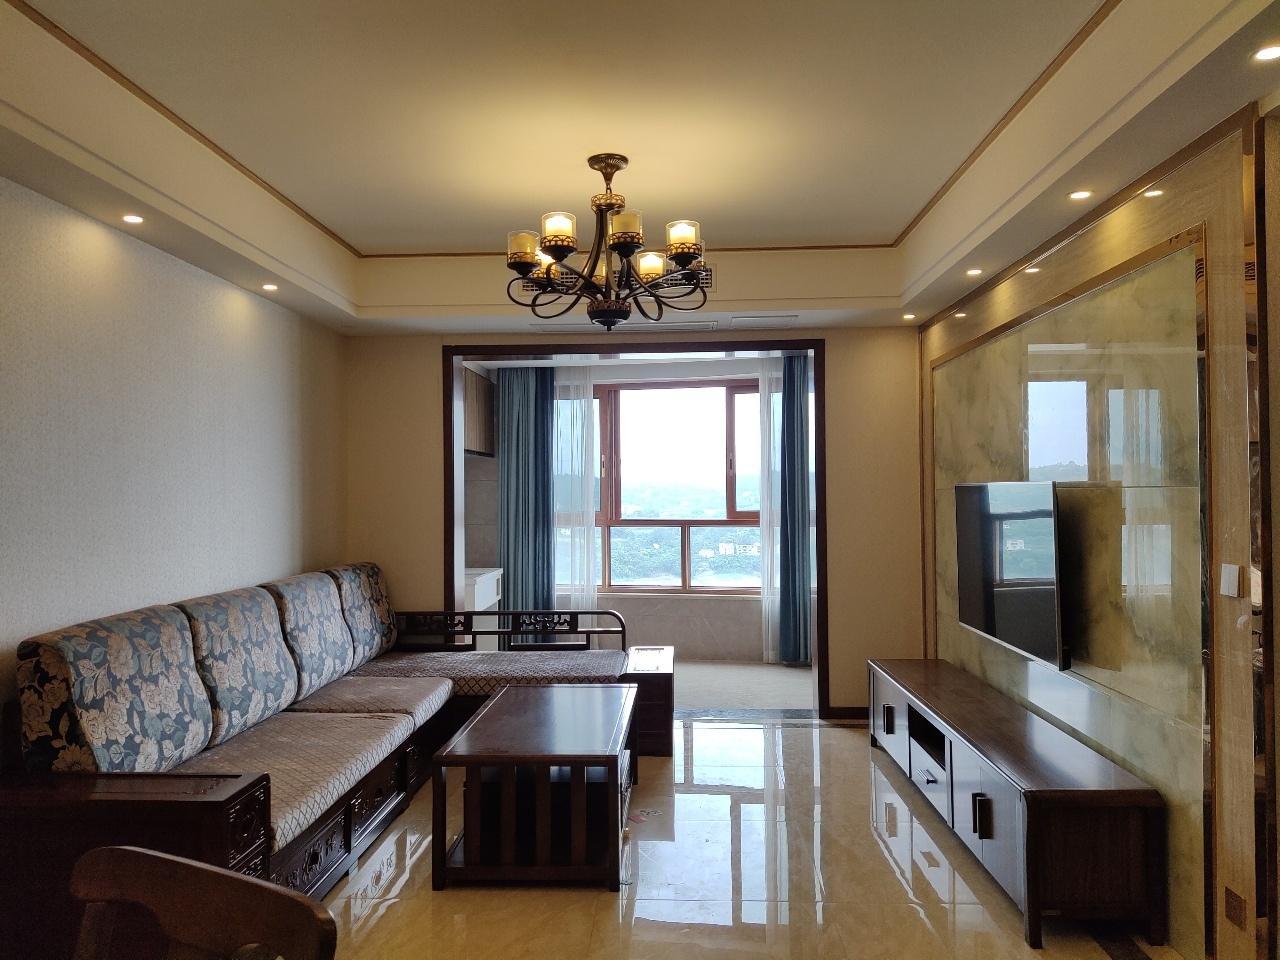 合江江语长滩6室 4厅 2卫136万元